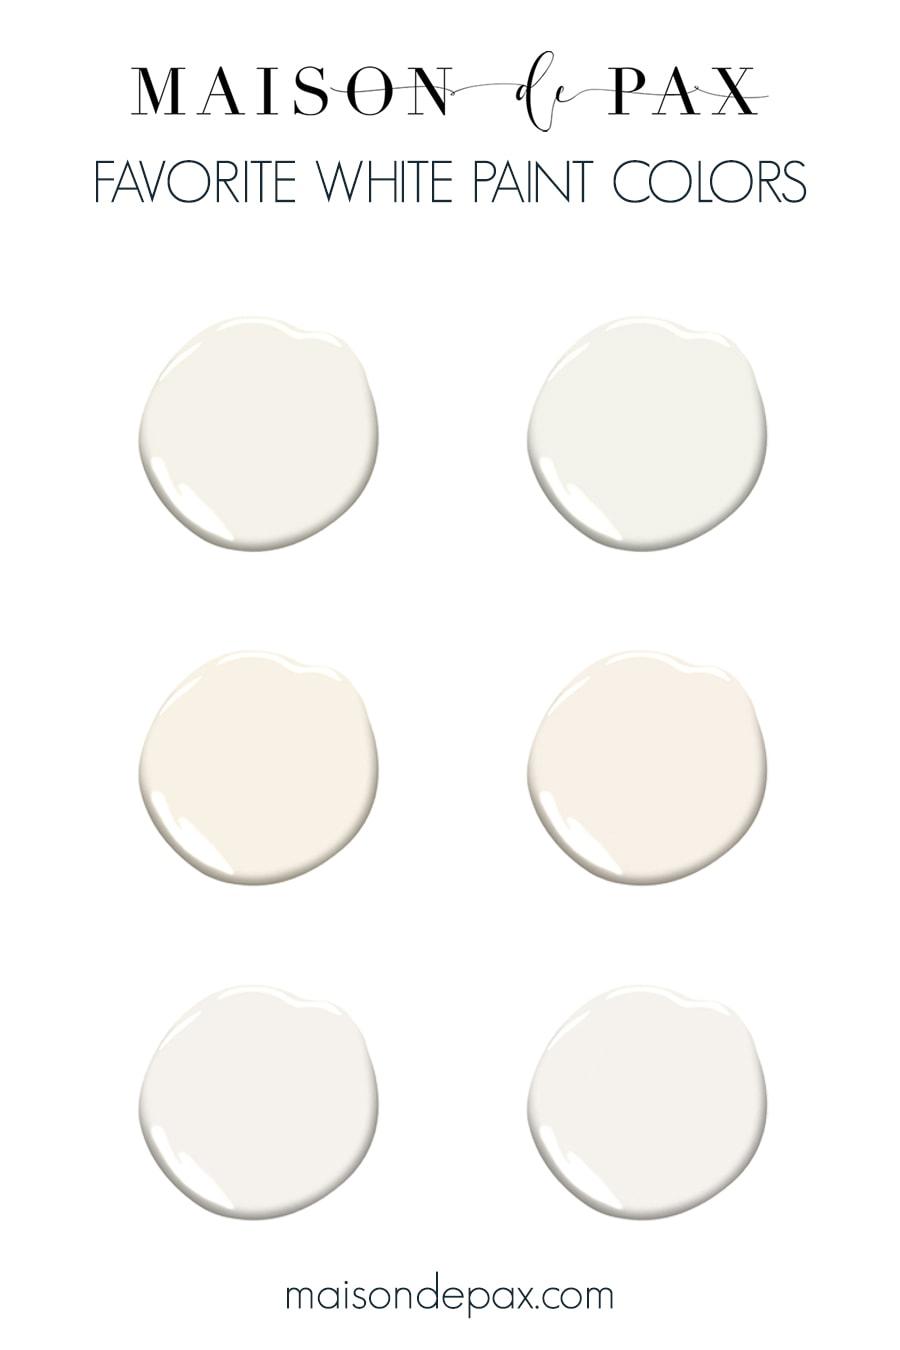 Maison de Pax's favorite white paint colors | Maison de Pax